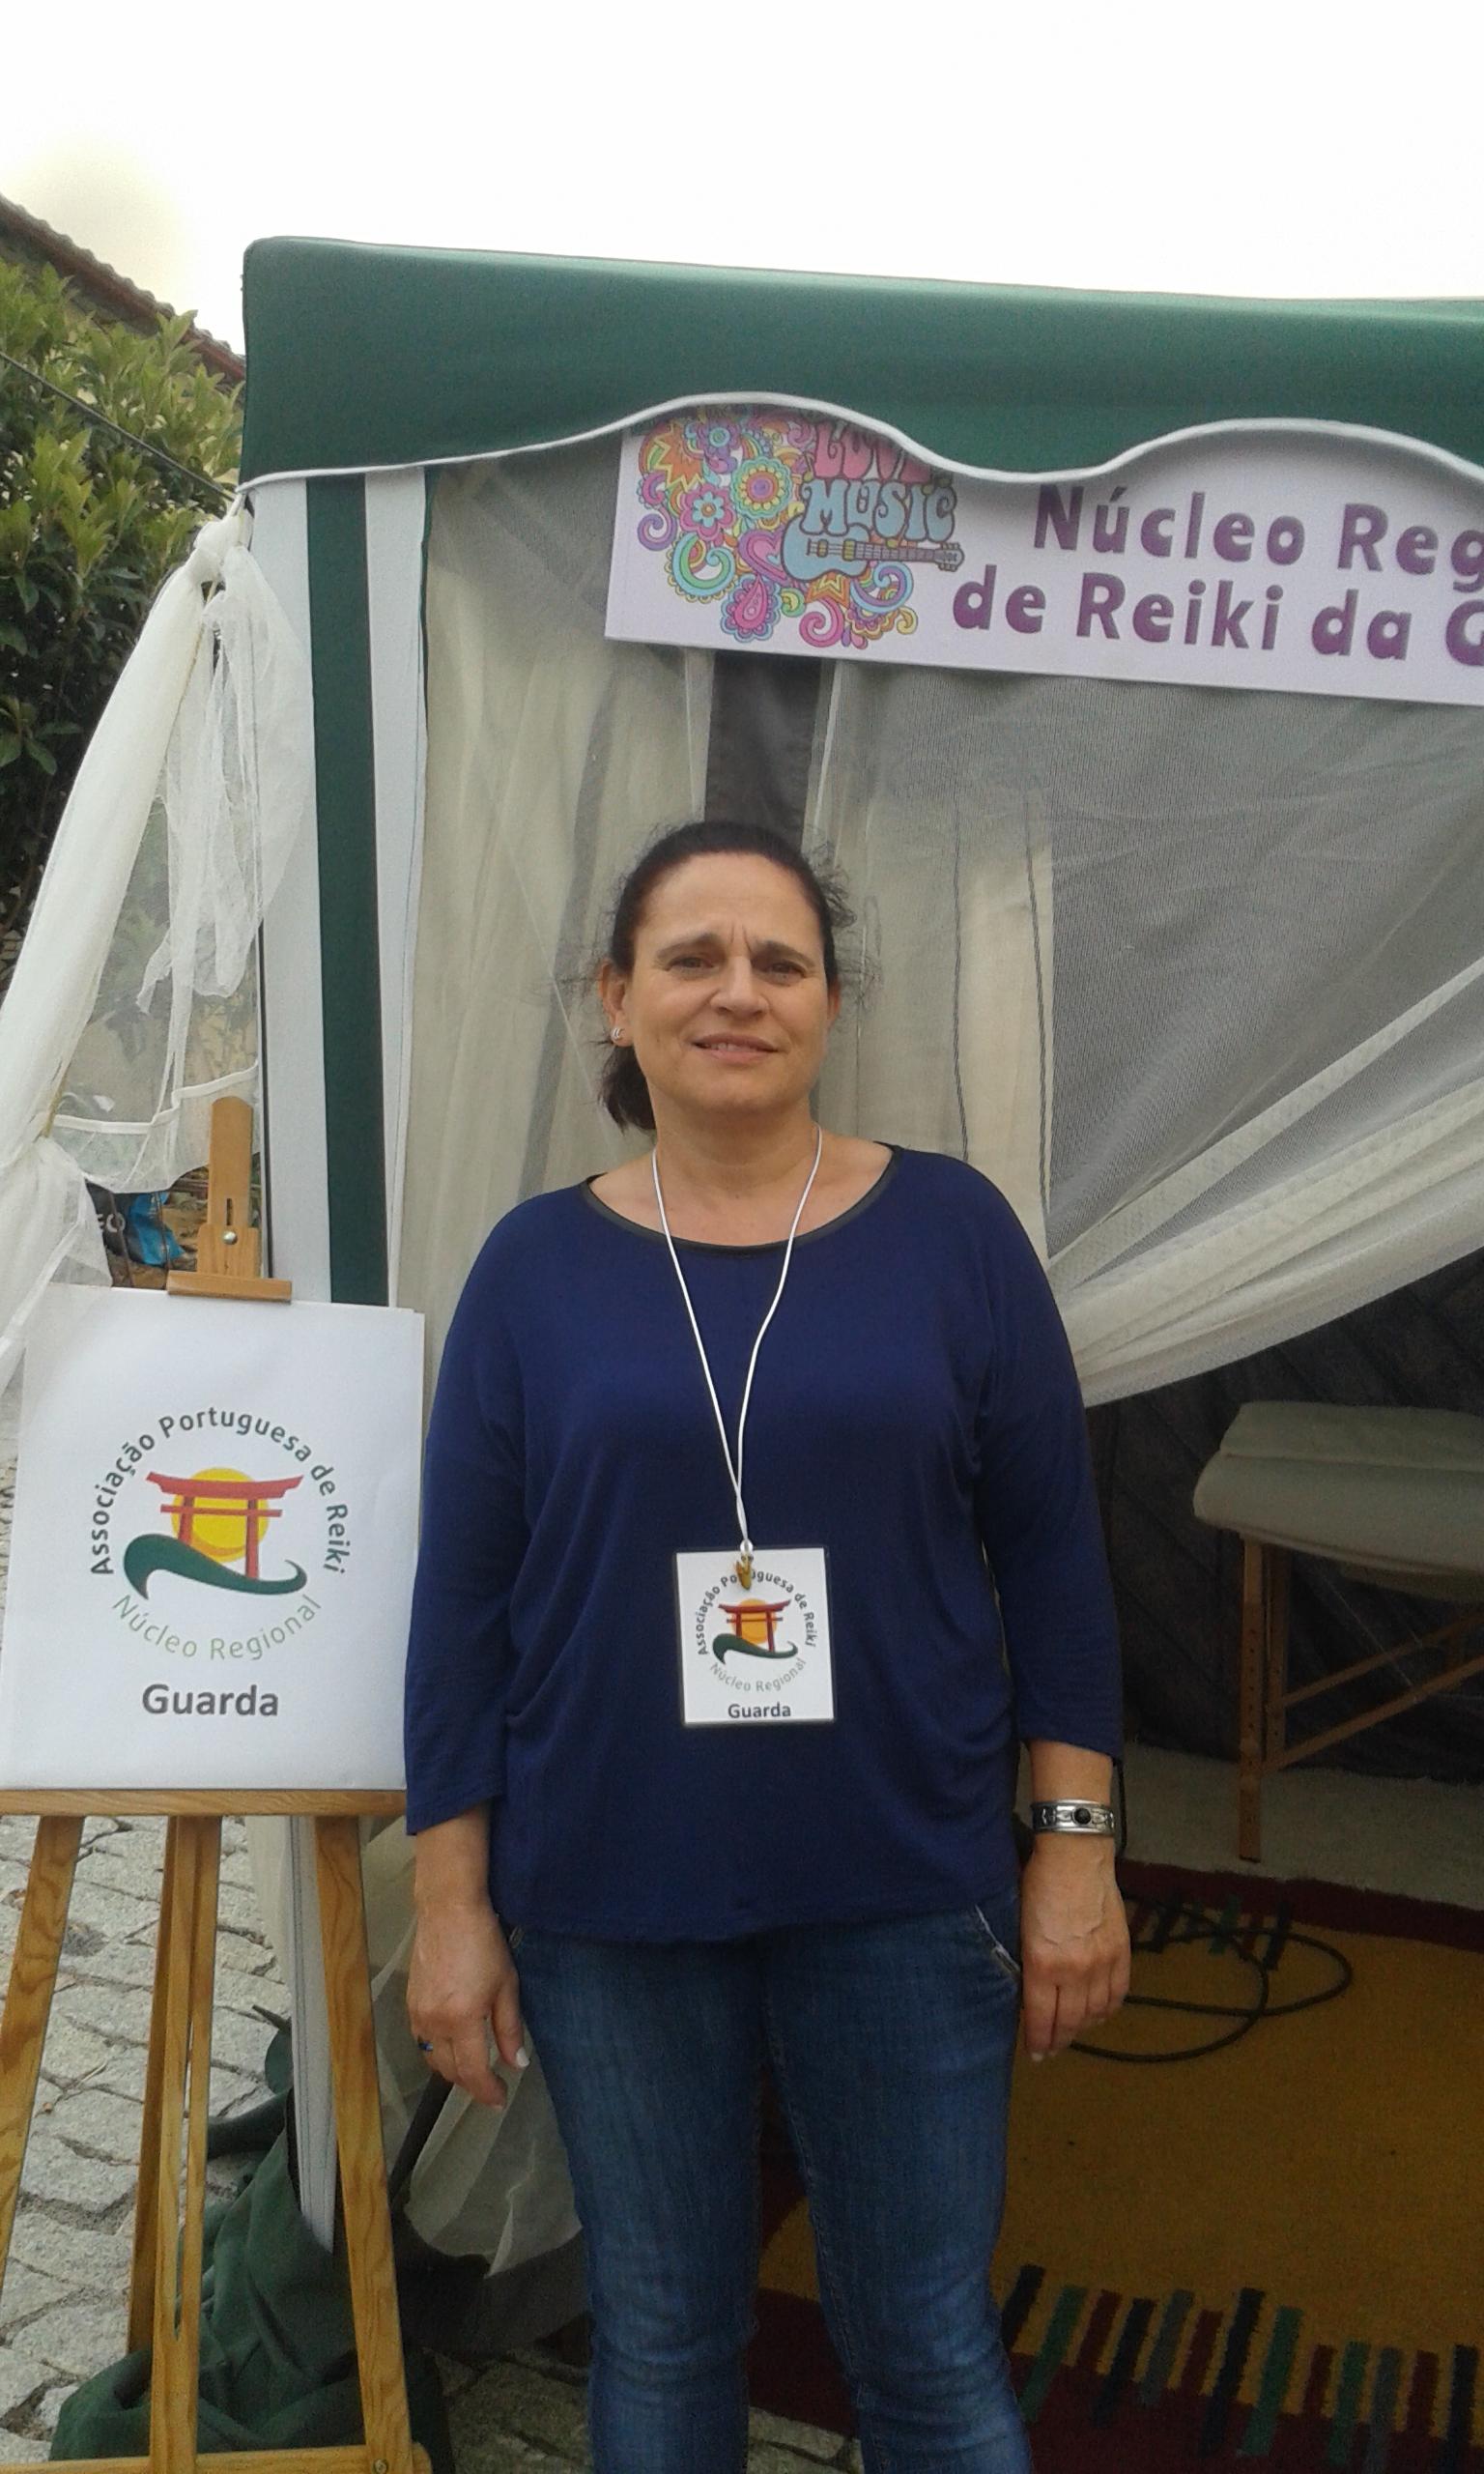 """O Núcleo de Reiki da Guarda esteve presente na Feira do Sabugal """"Surpreenda os Sentidos"""" de 24 a 26 de Julho"""